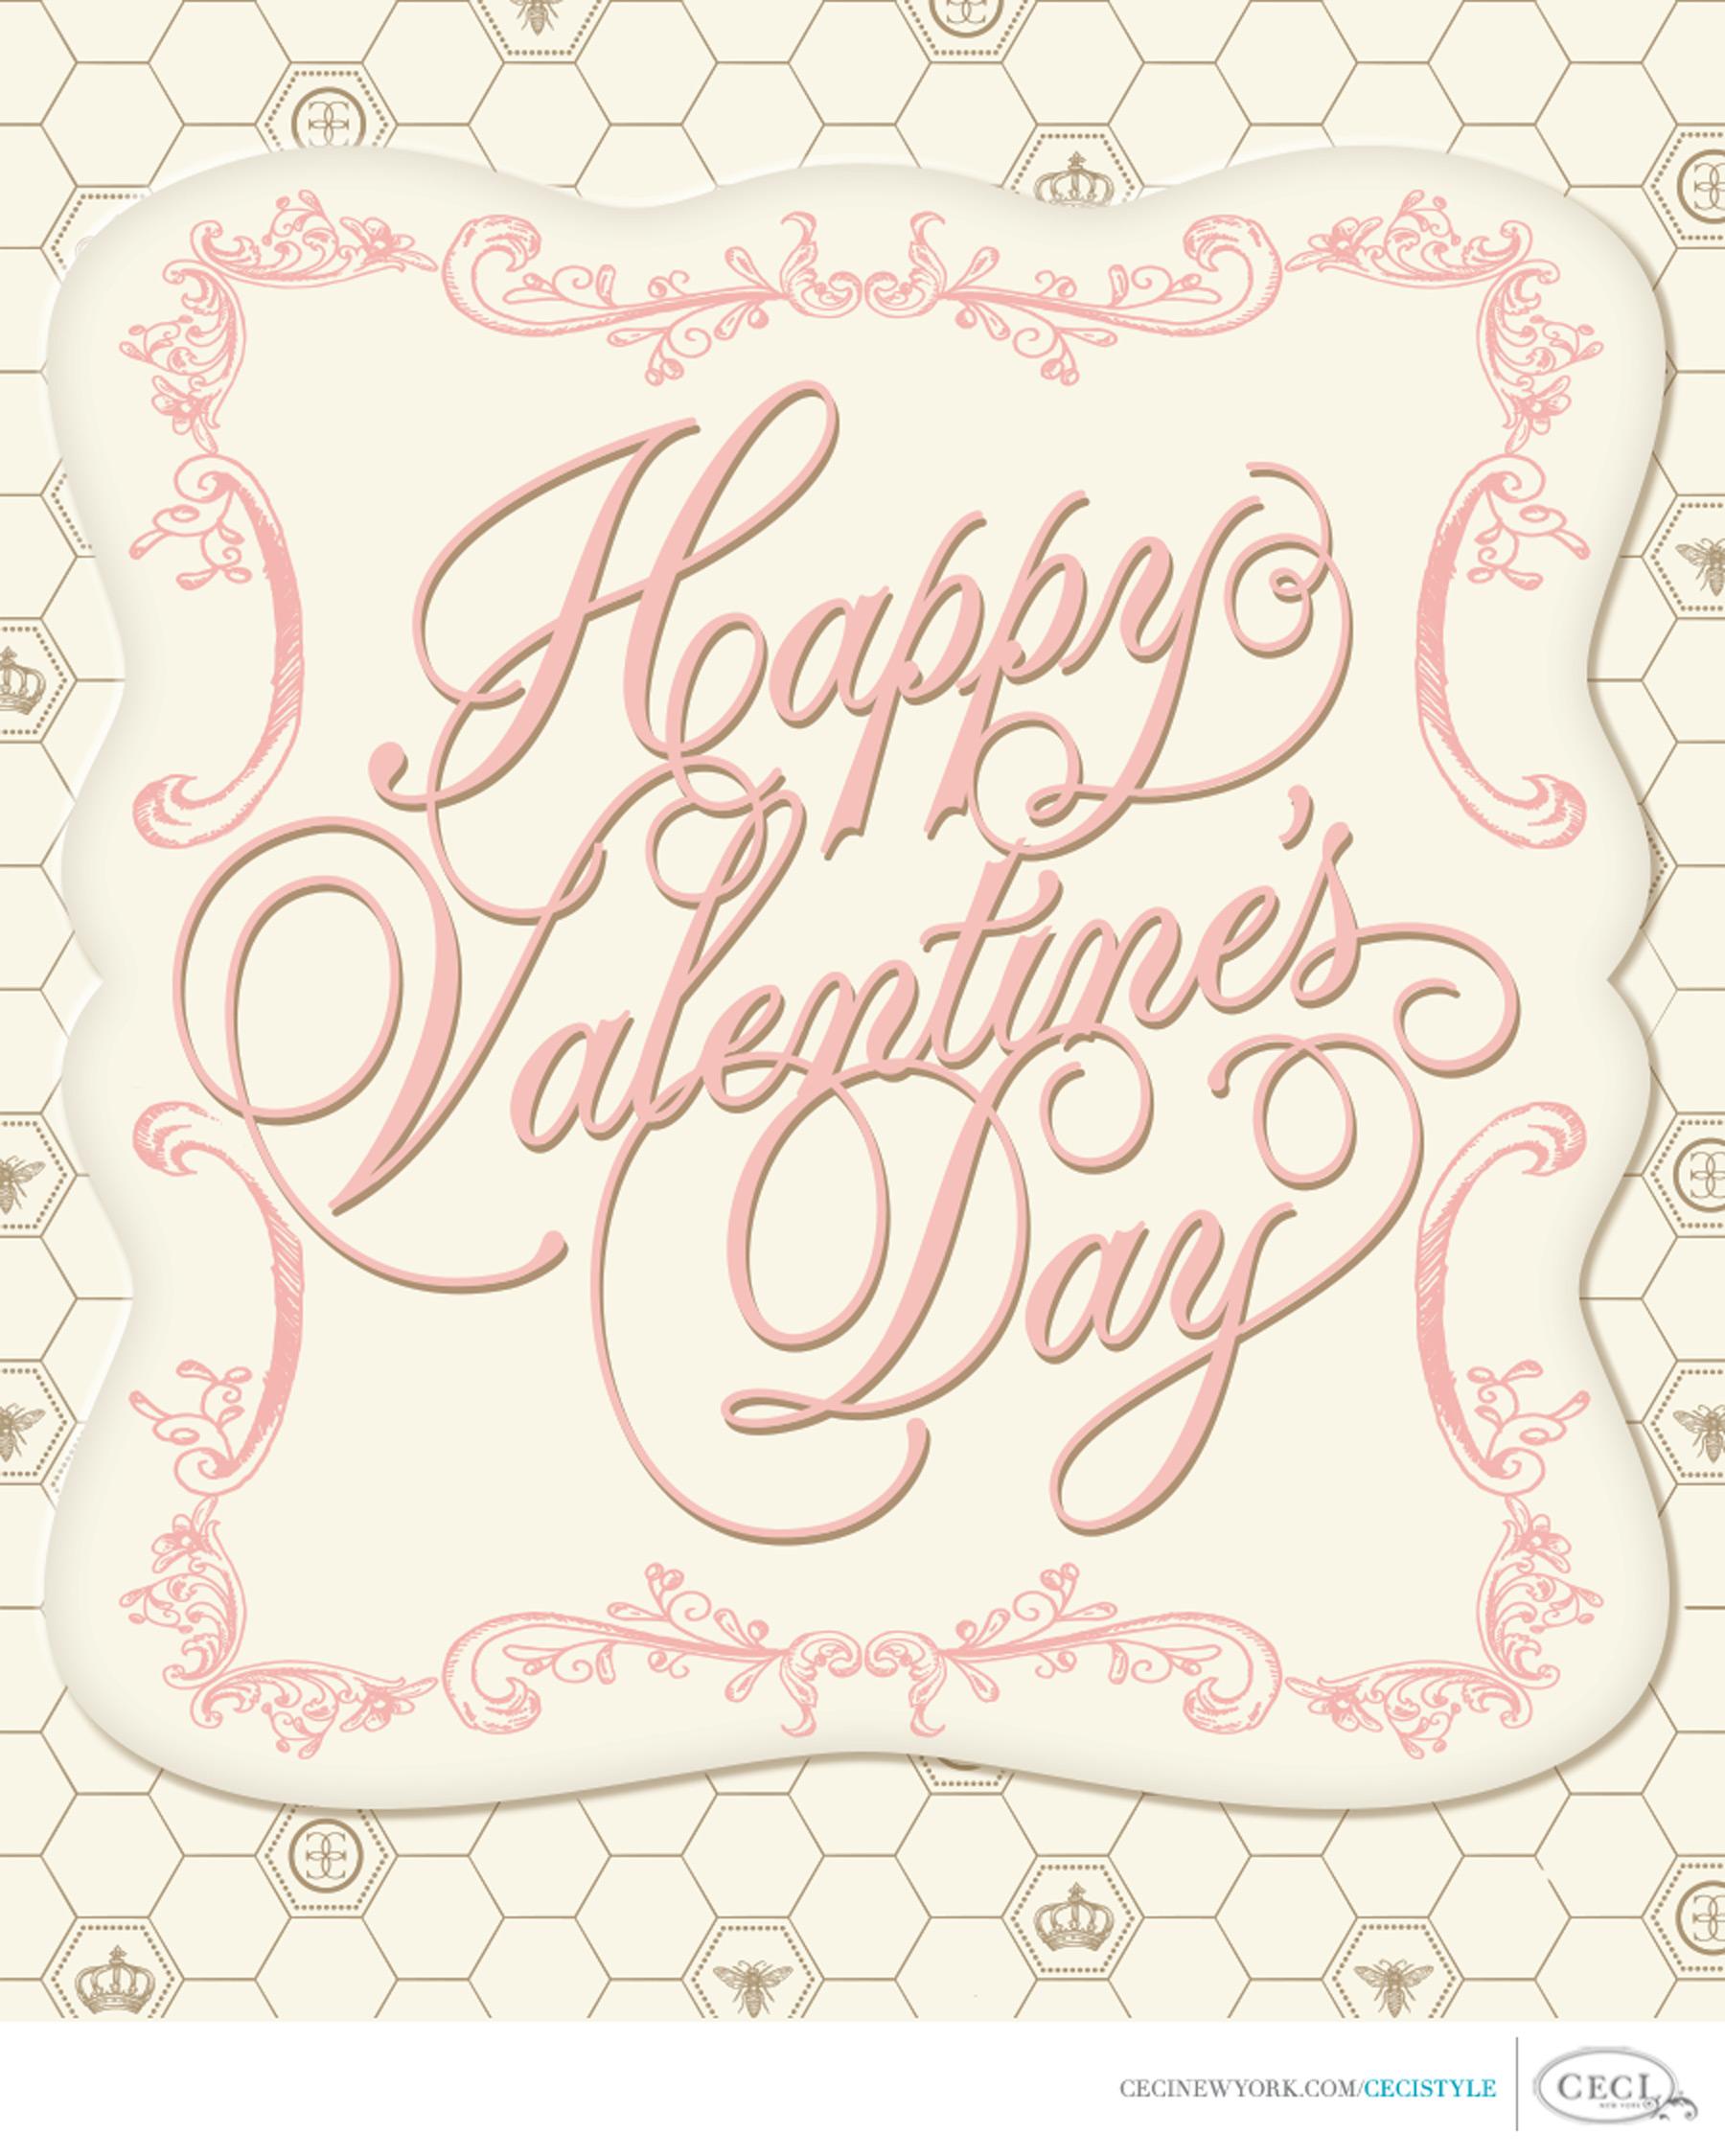 Ceci Johnson of Ceci New York - Happy Valentine's Day